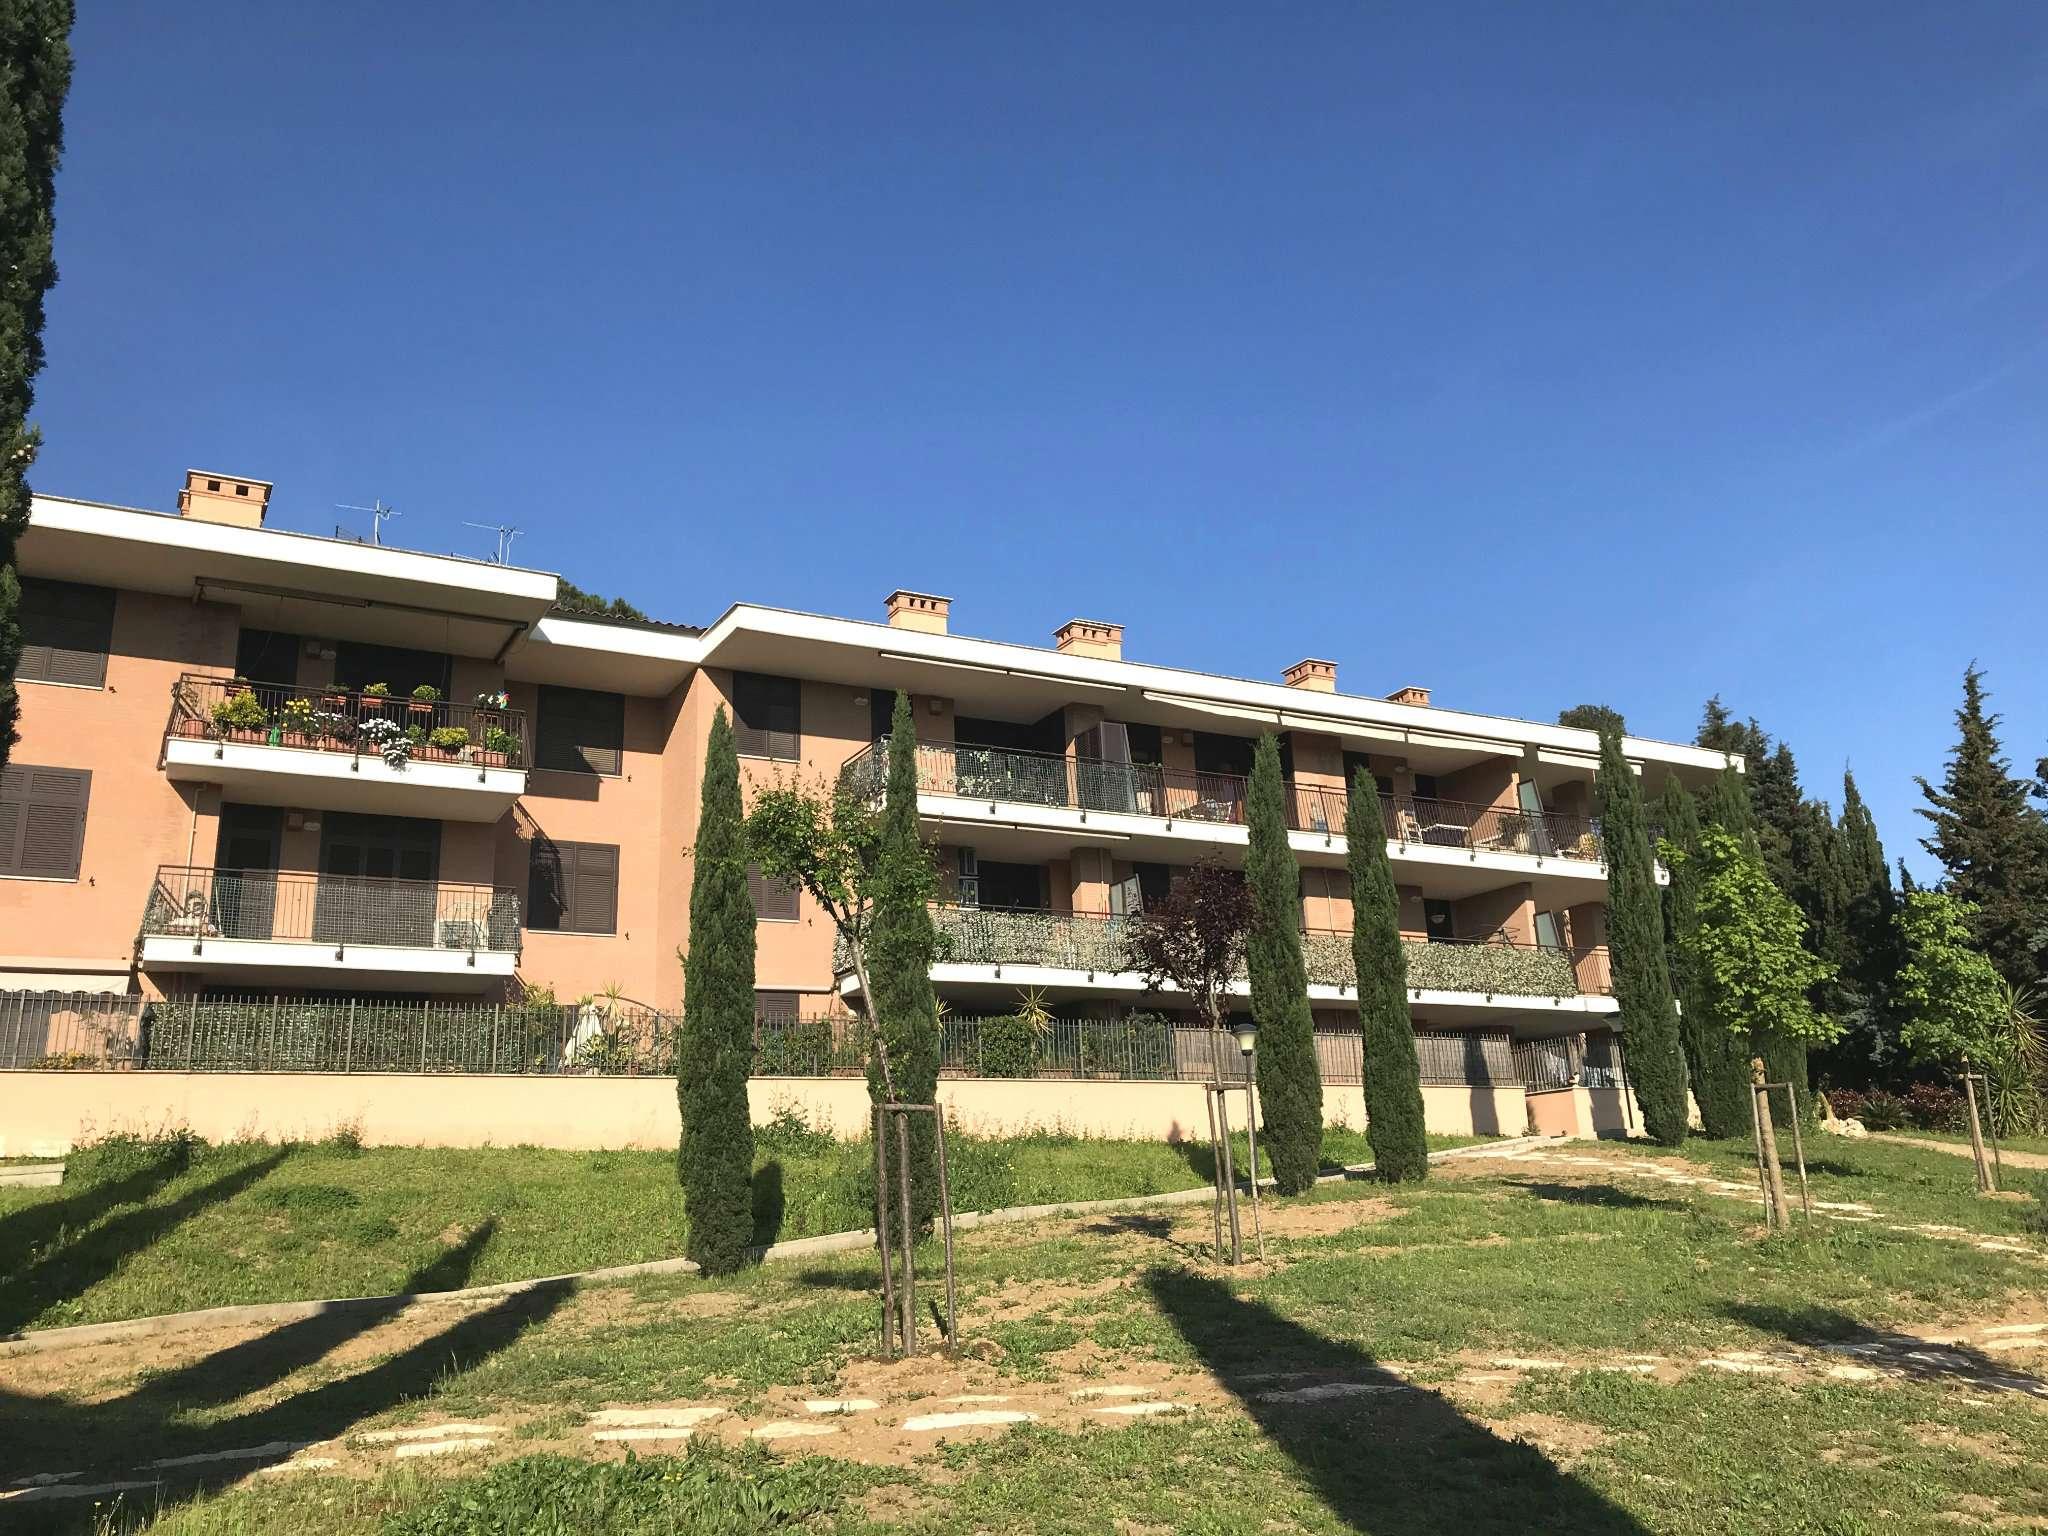 Attico / Mansarda in vendita a Roma, 4 locali, zona Zona: 31 . Giustiniana, Tomba di Nerone, Cassia, prezzo € 385.000 | CambioCasa.it